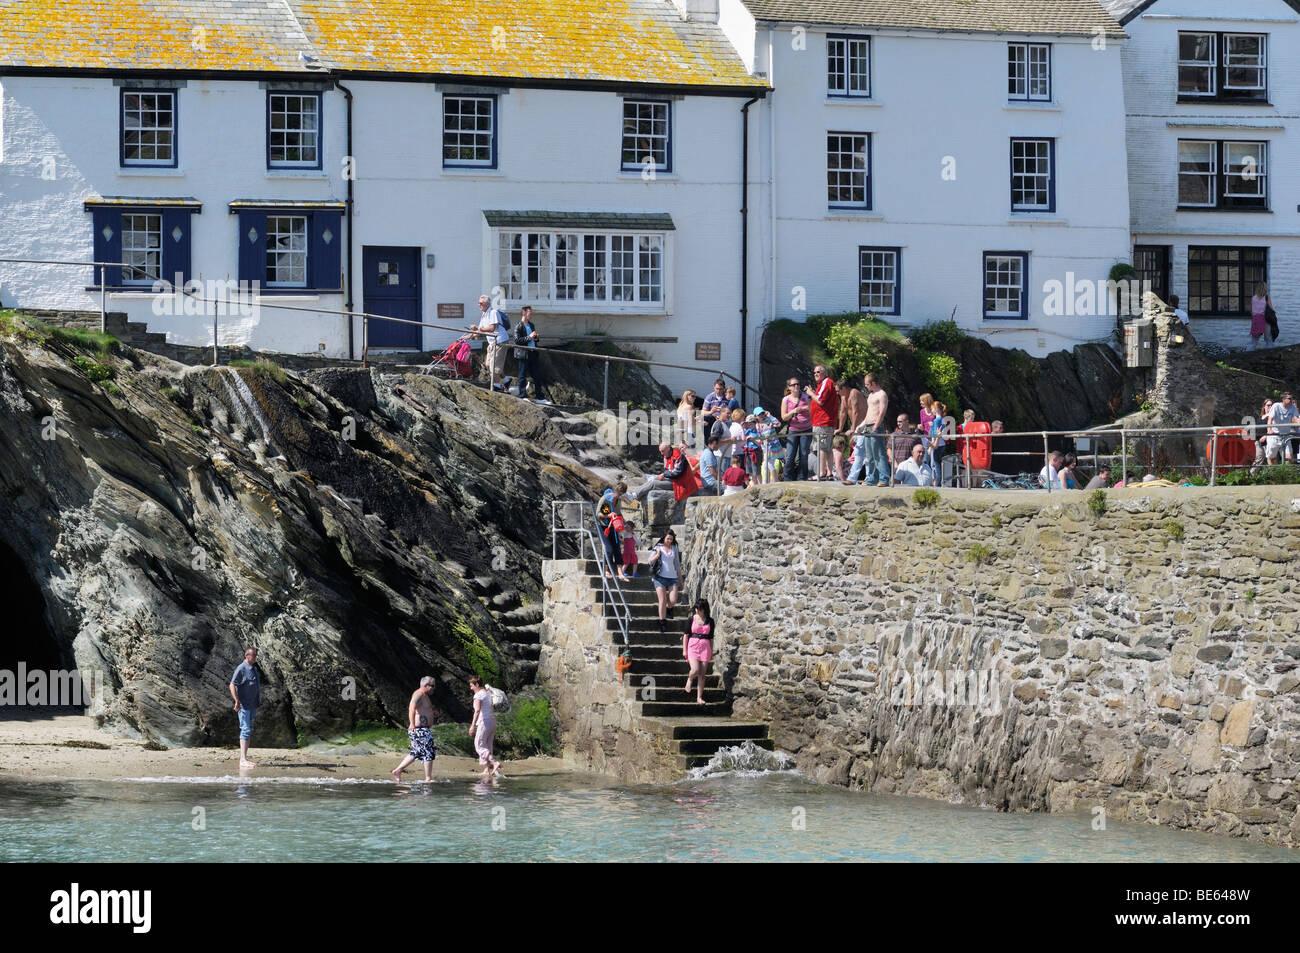 Touristen, die entspannende Polperro Hafen, Cornwall, UK Stockbild